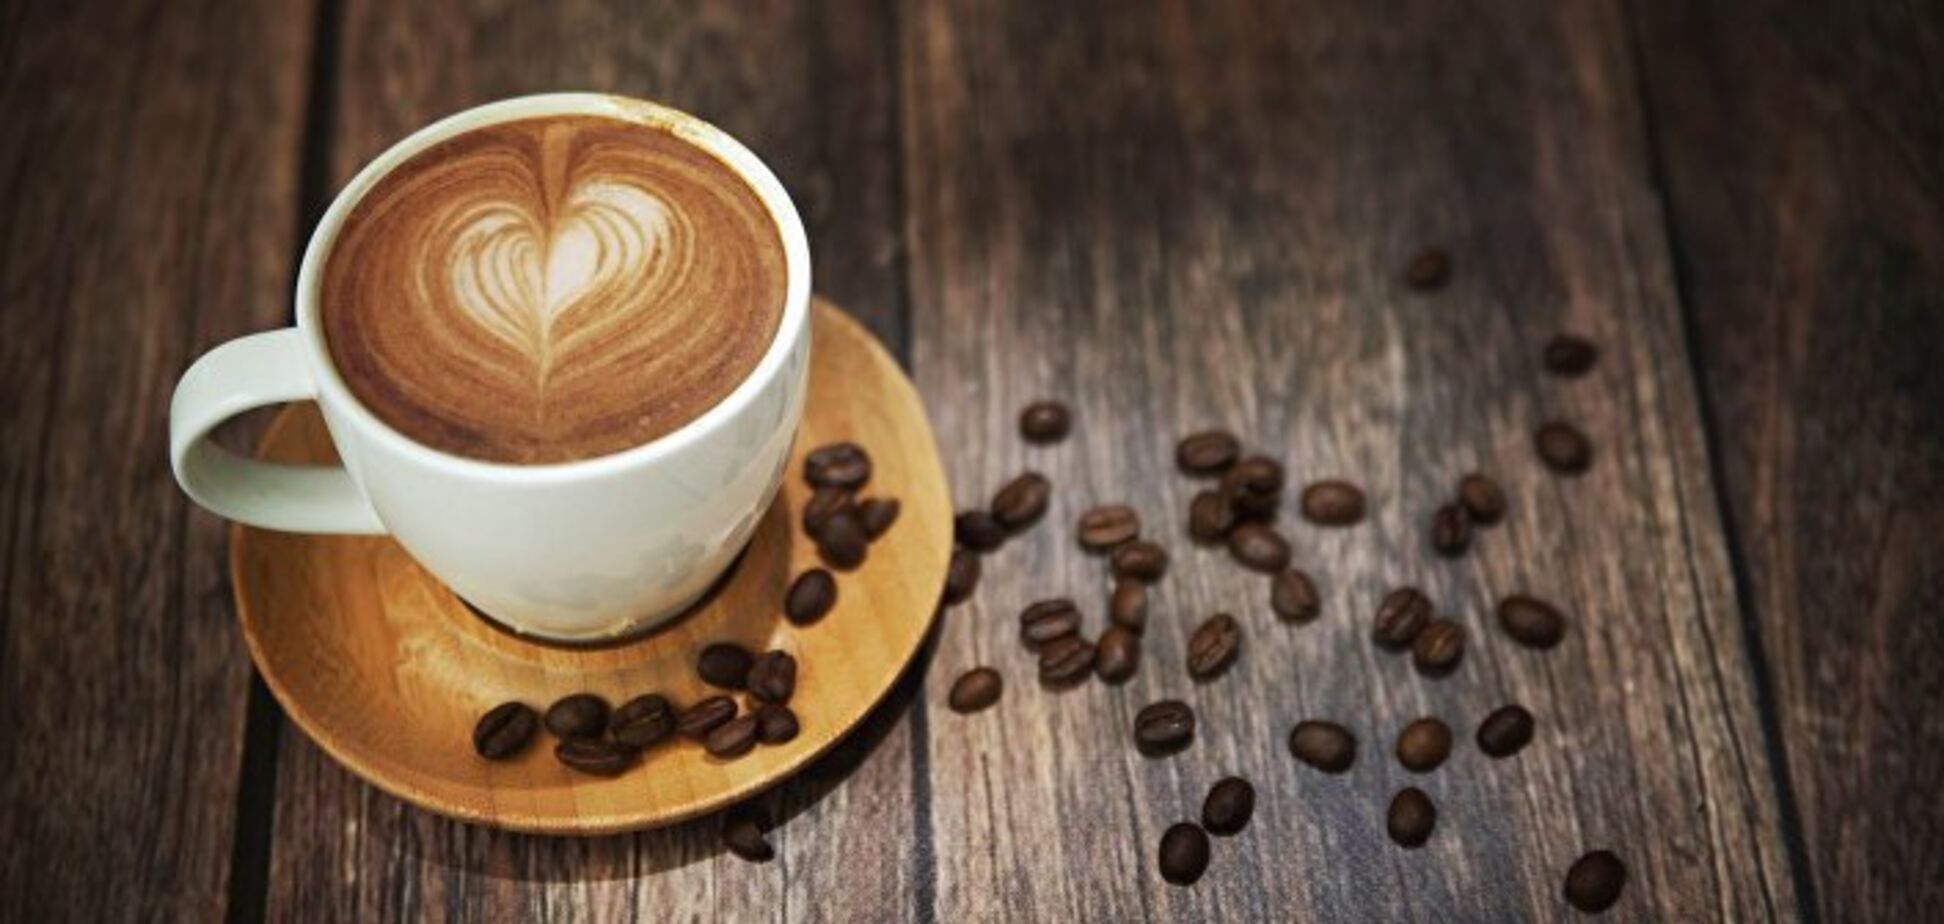 Польза кофе: Супрун назвала плюсы популярного напитка